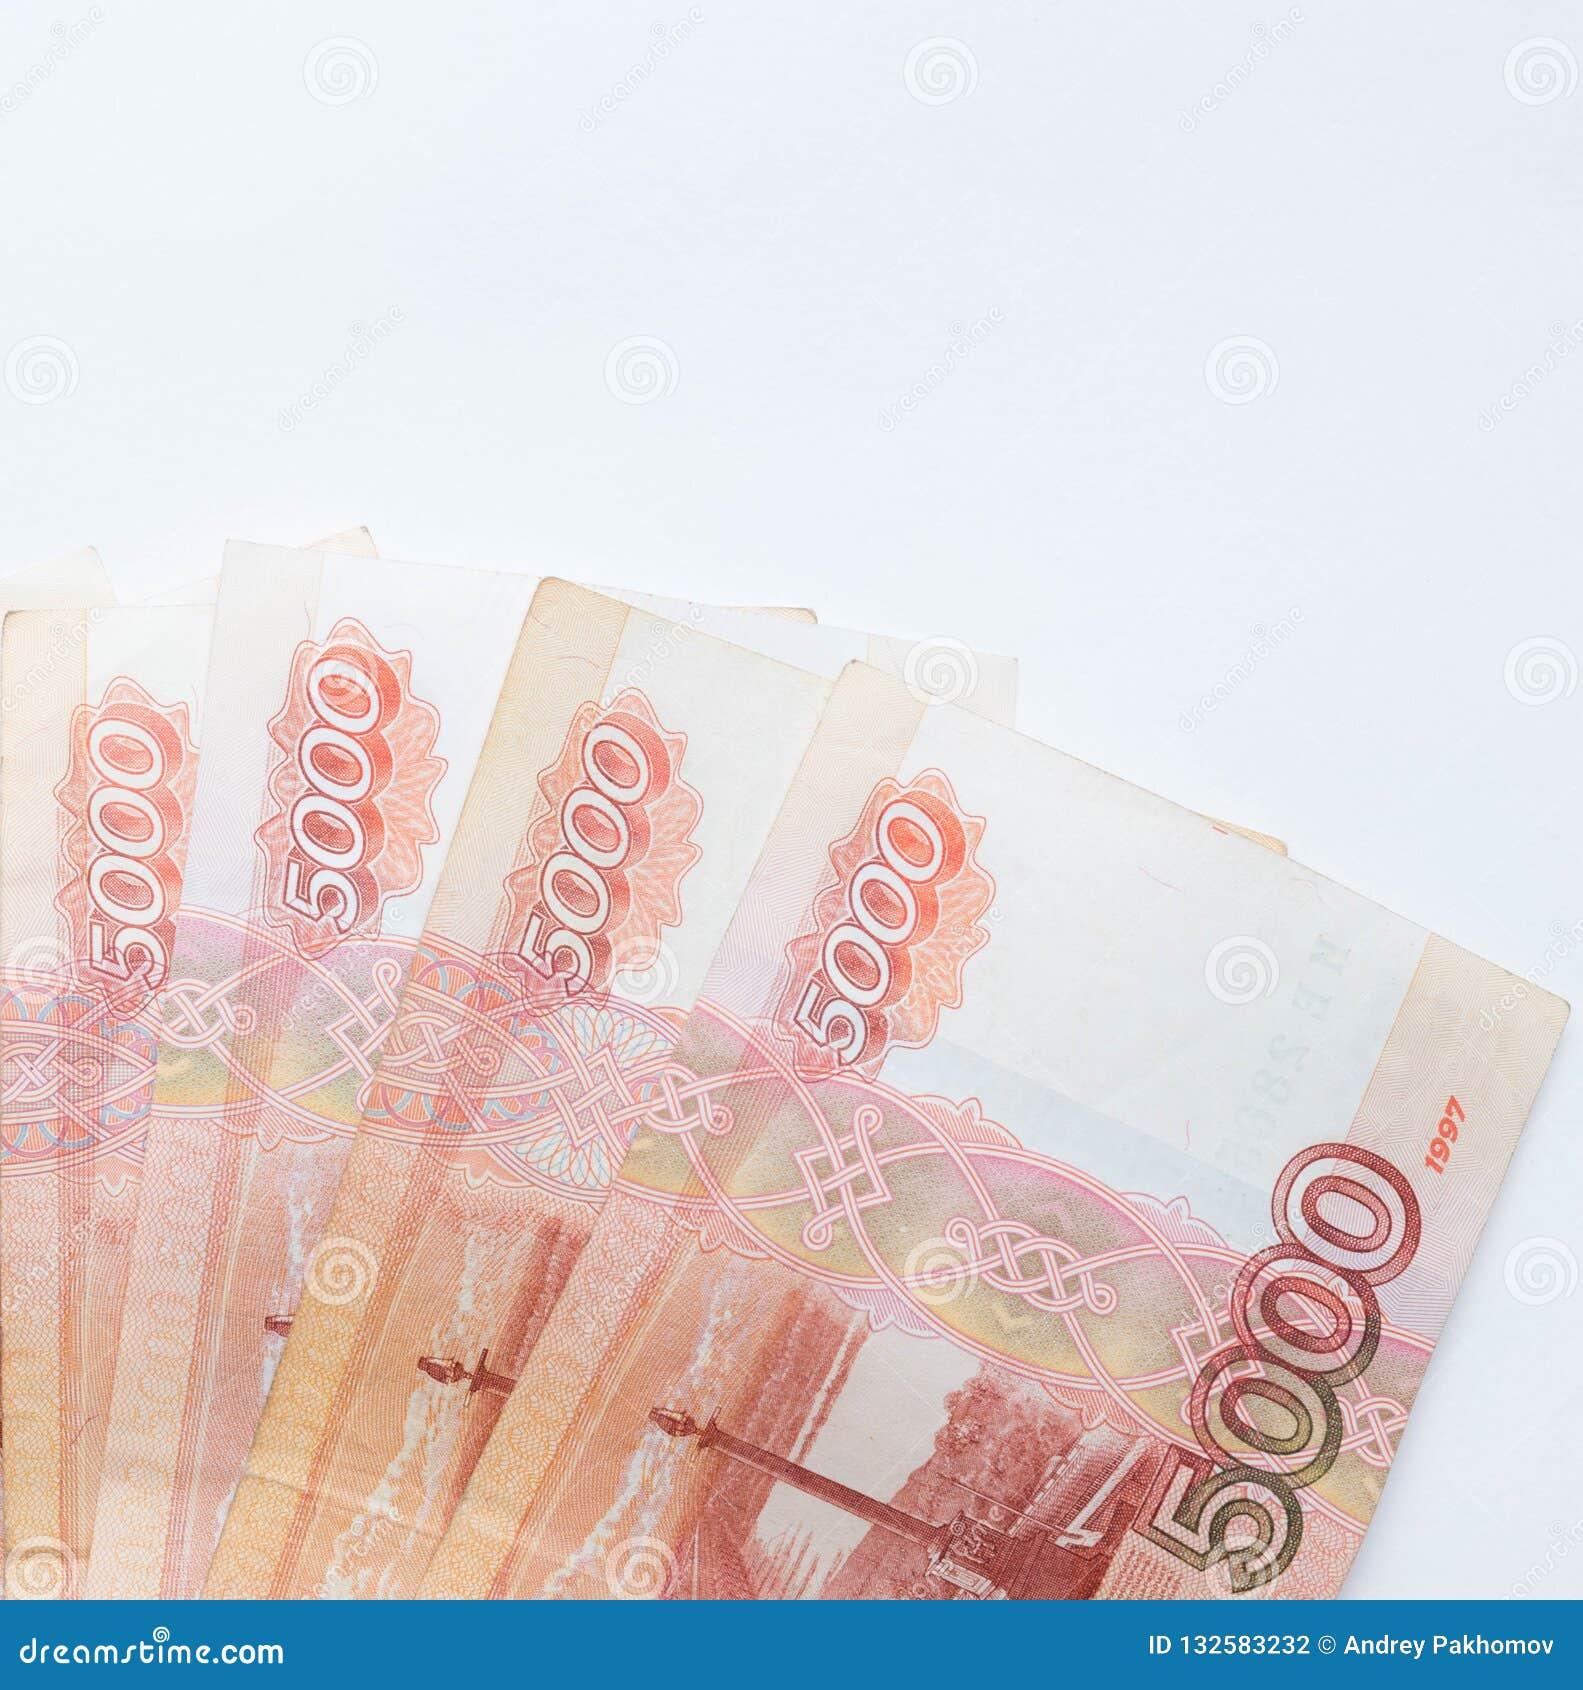 Imagem do estúdio 5000 rublos cinco mil dinheiro da moeda macro do russo da Federação Russa